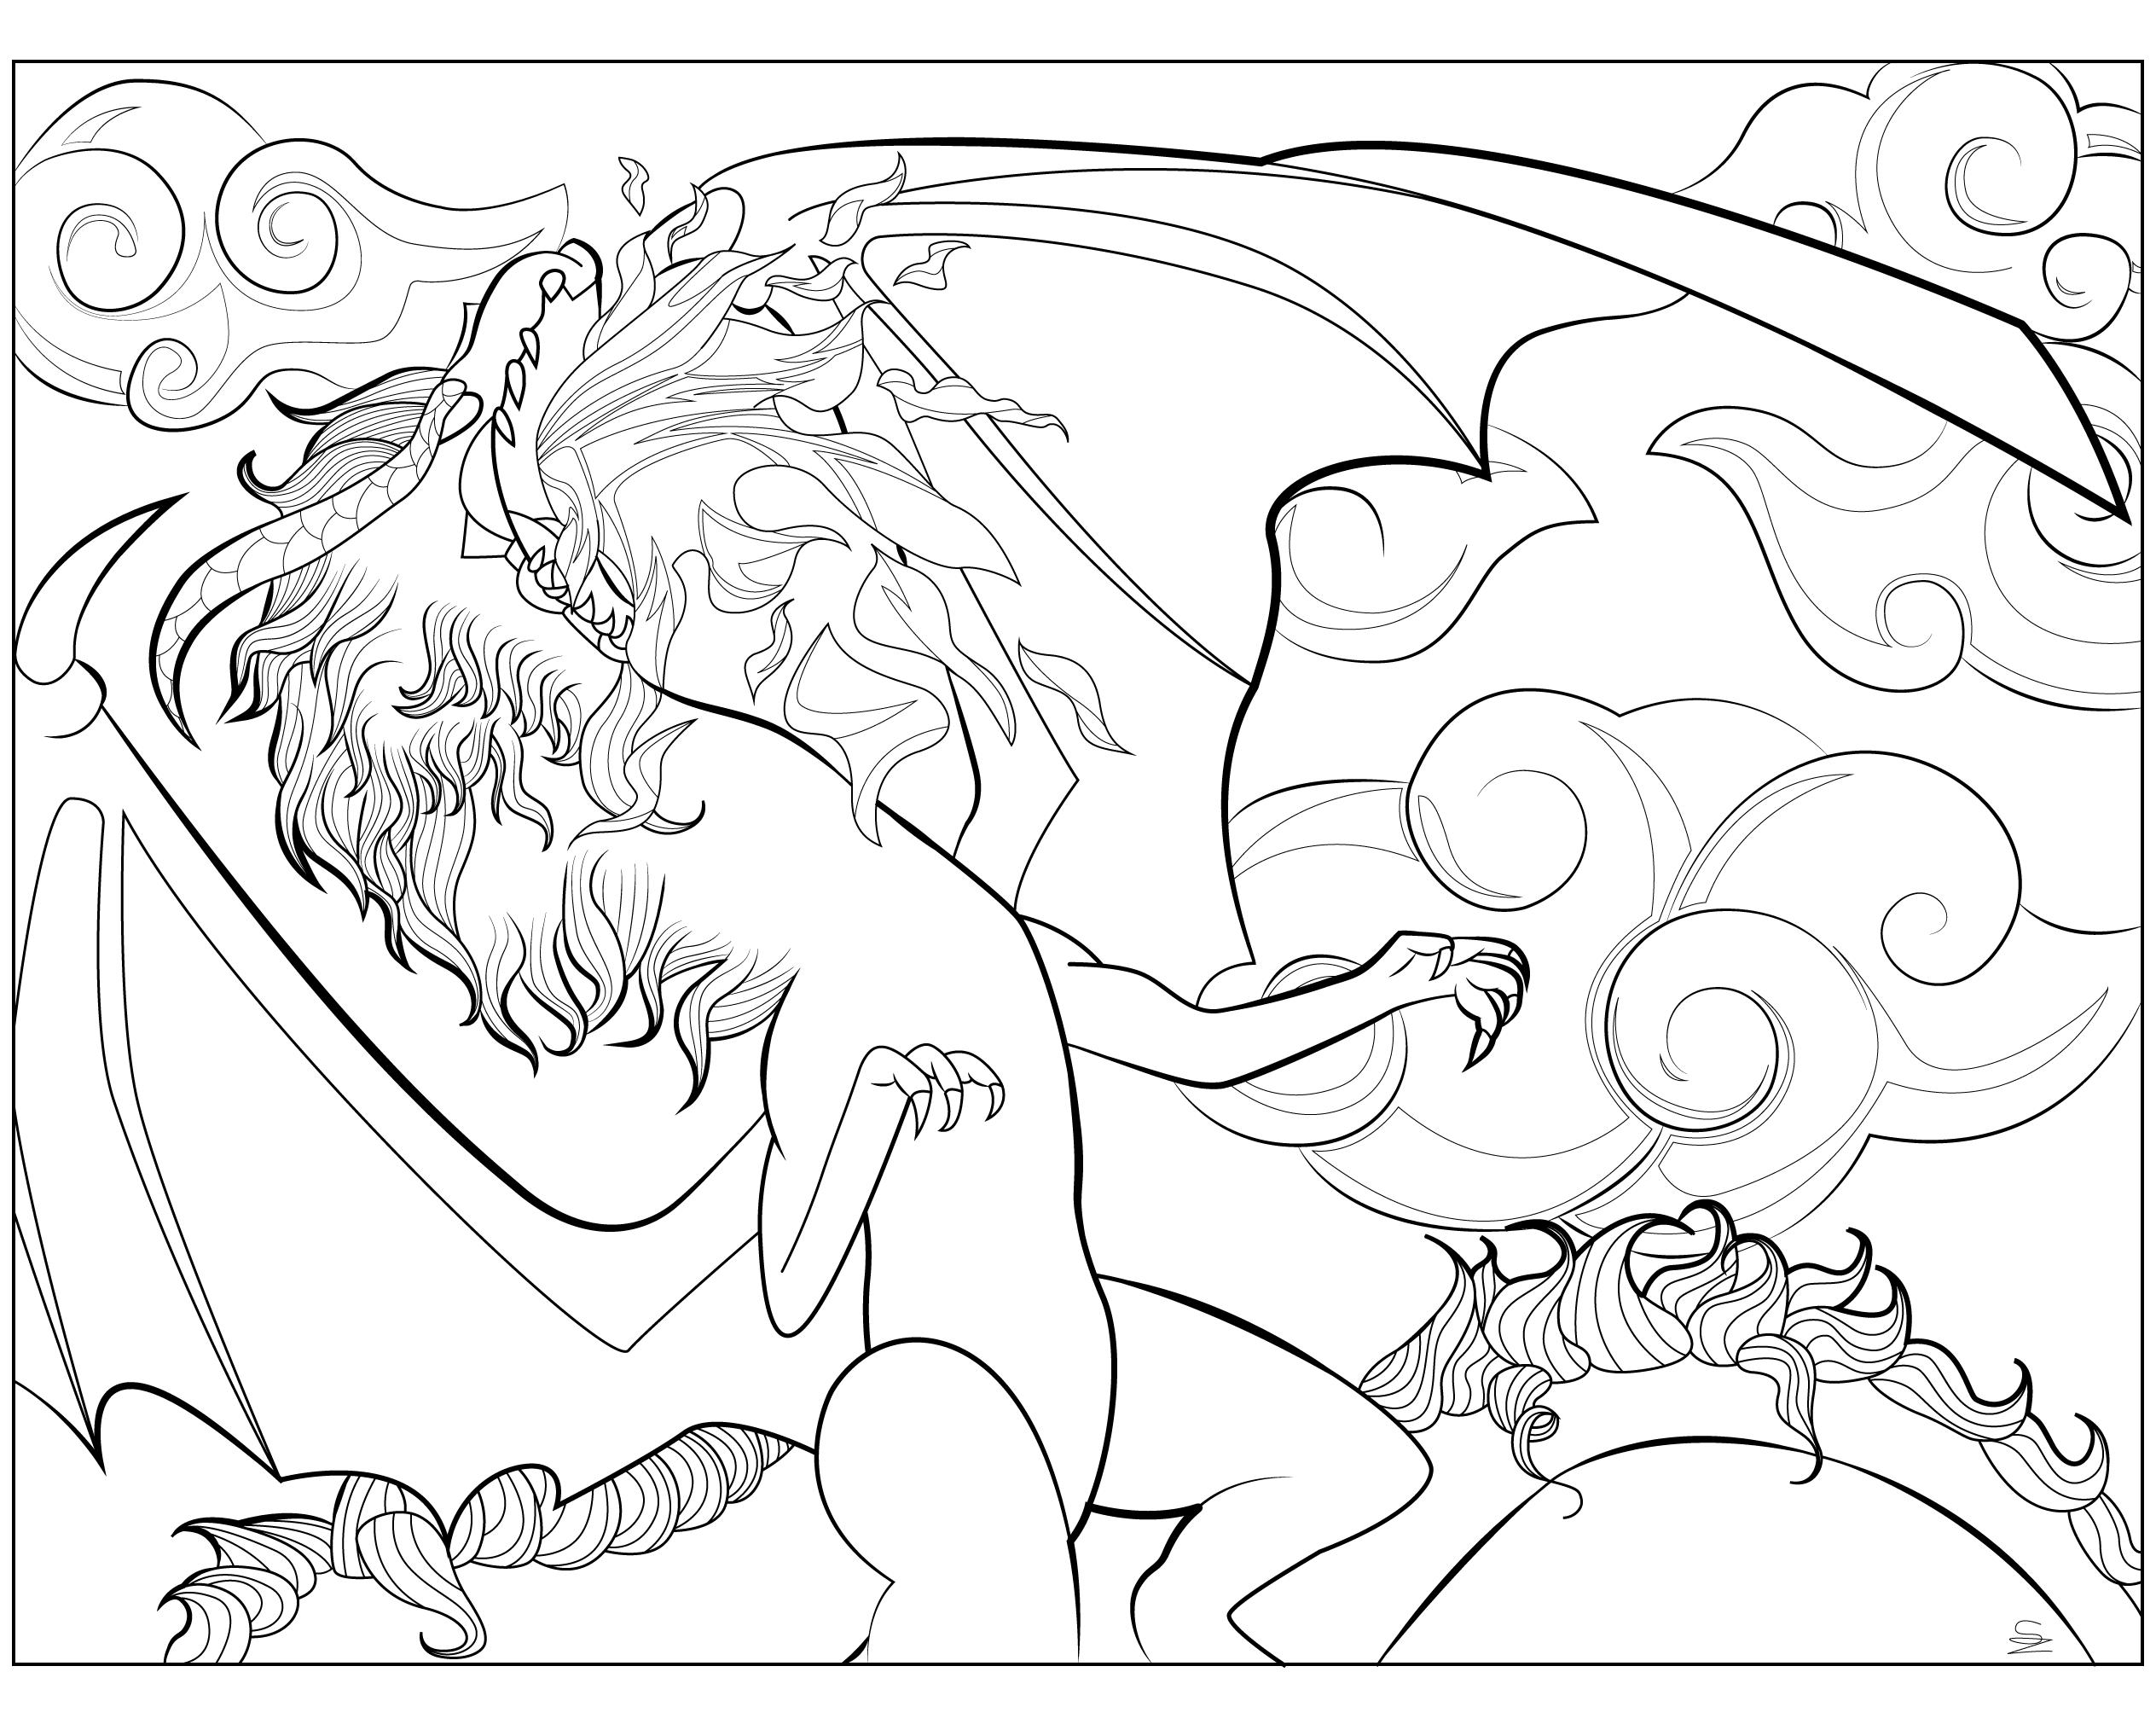 Coloriage d'un dragon majestueux et inspiré du Fatalis Blanc dans Monster Hunter